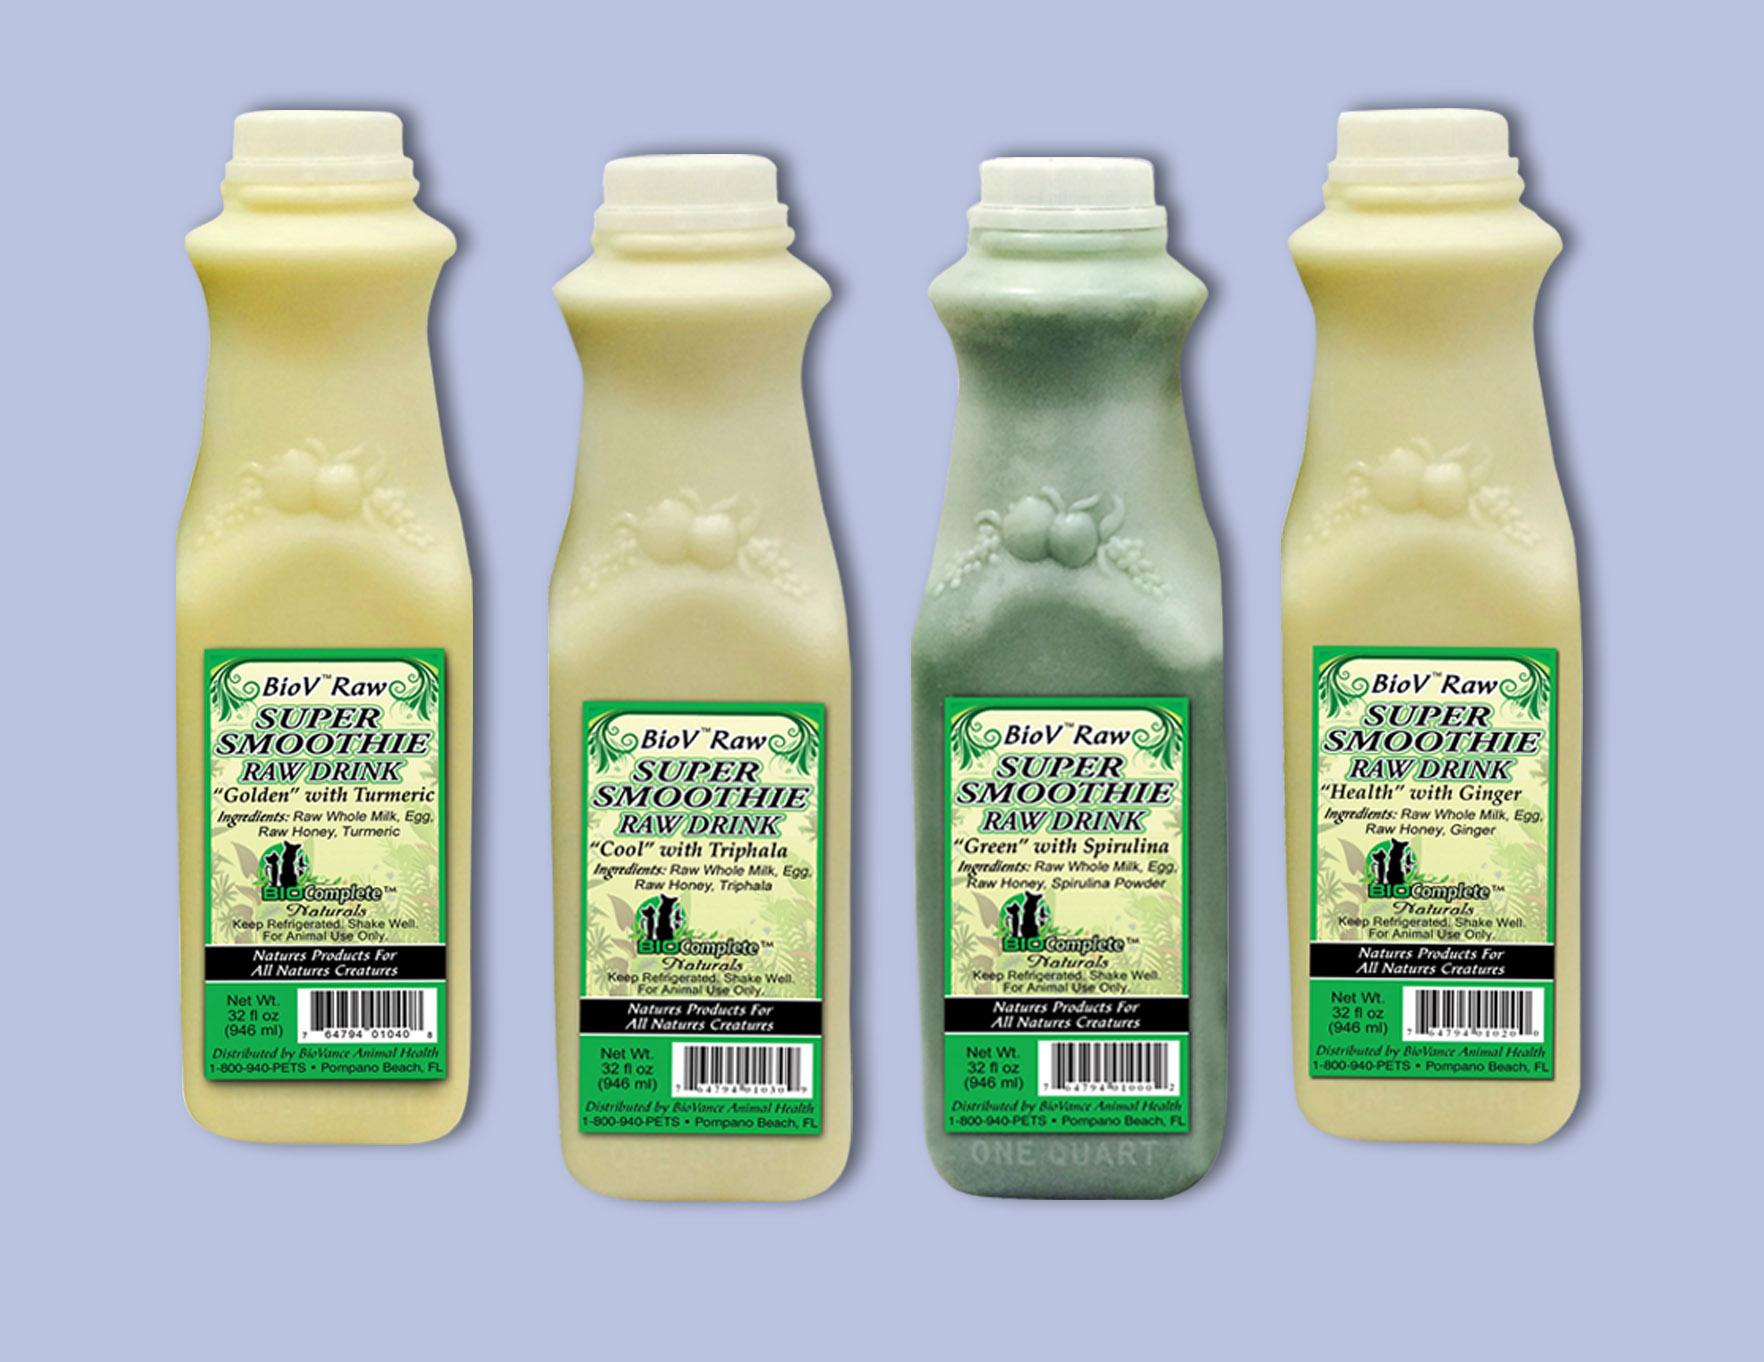 BioV™ Raw Super Raw Drink  Smoothies